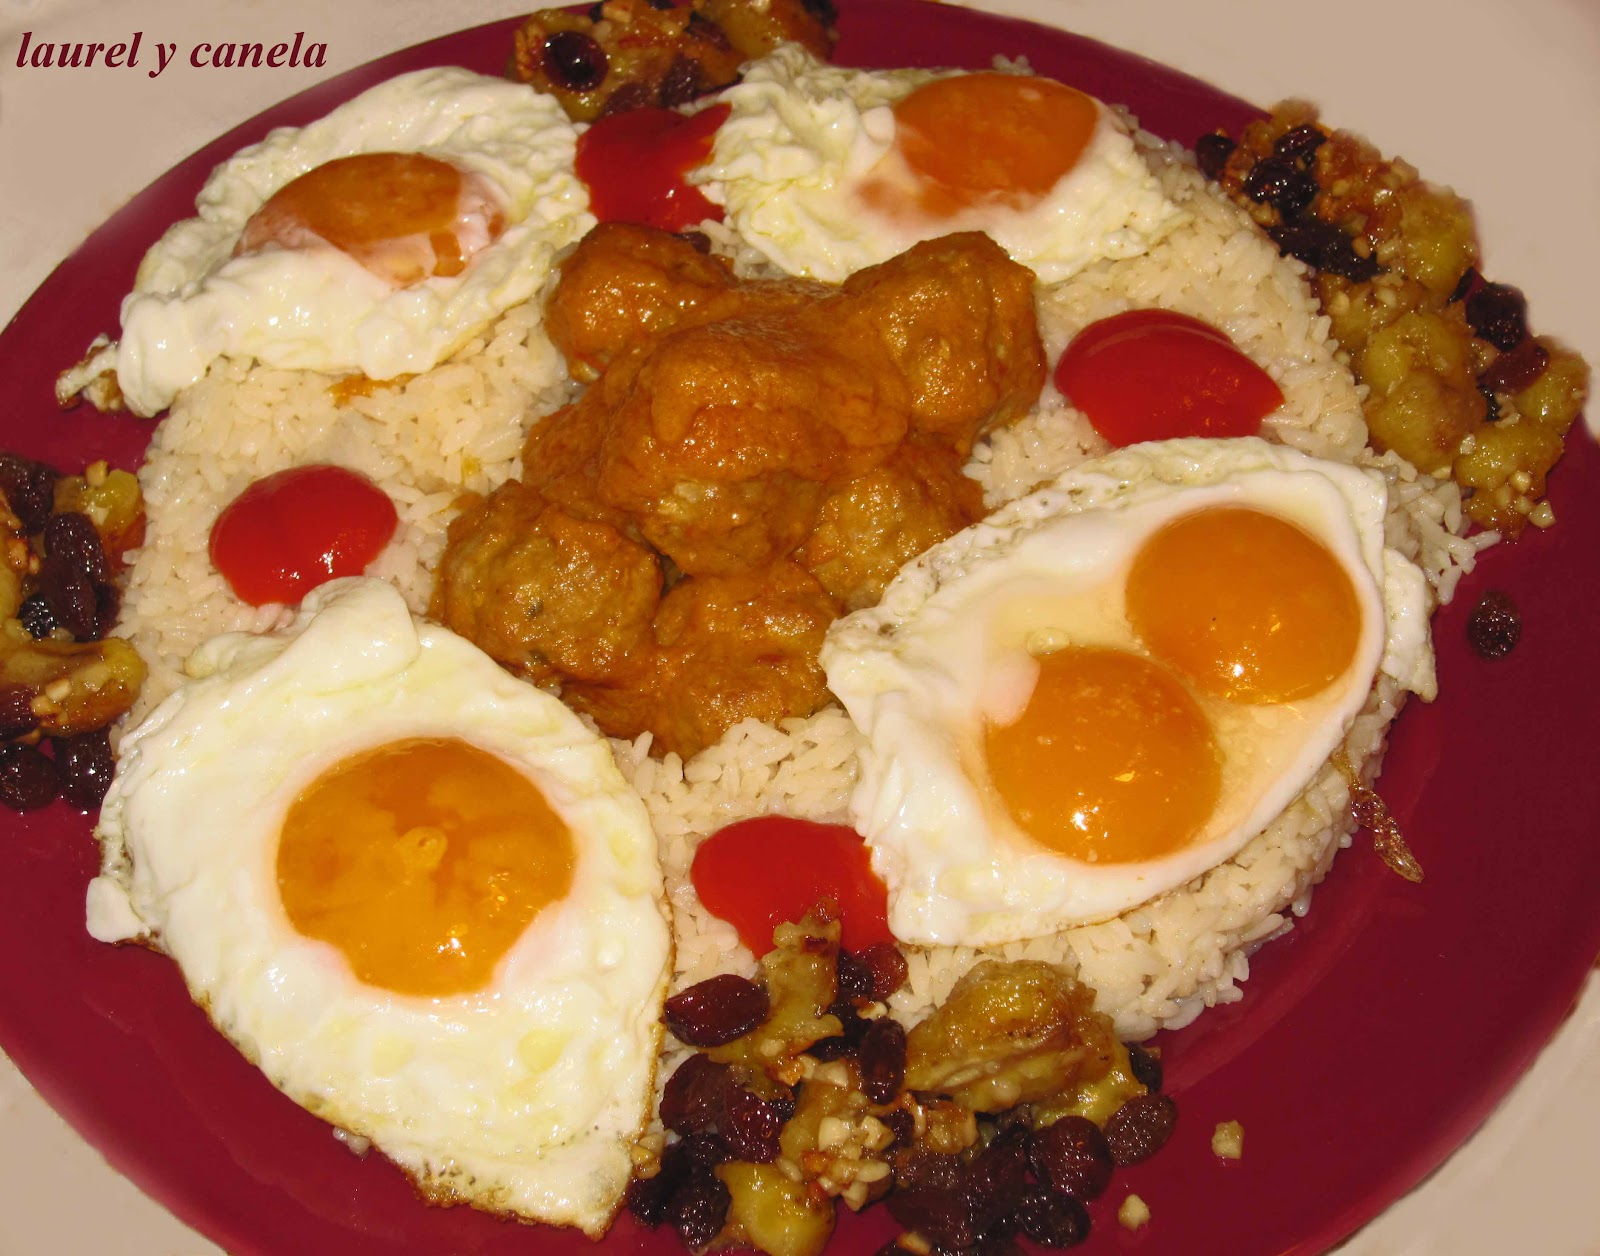 Laurel y canela corona de arroz a la cubana con - Guarnicion para albondigas ...